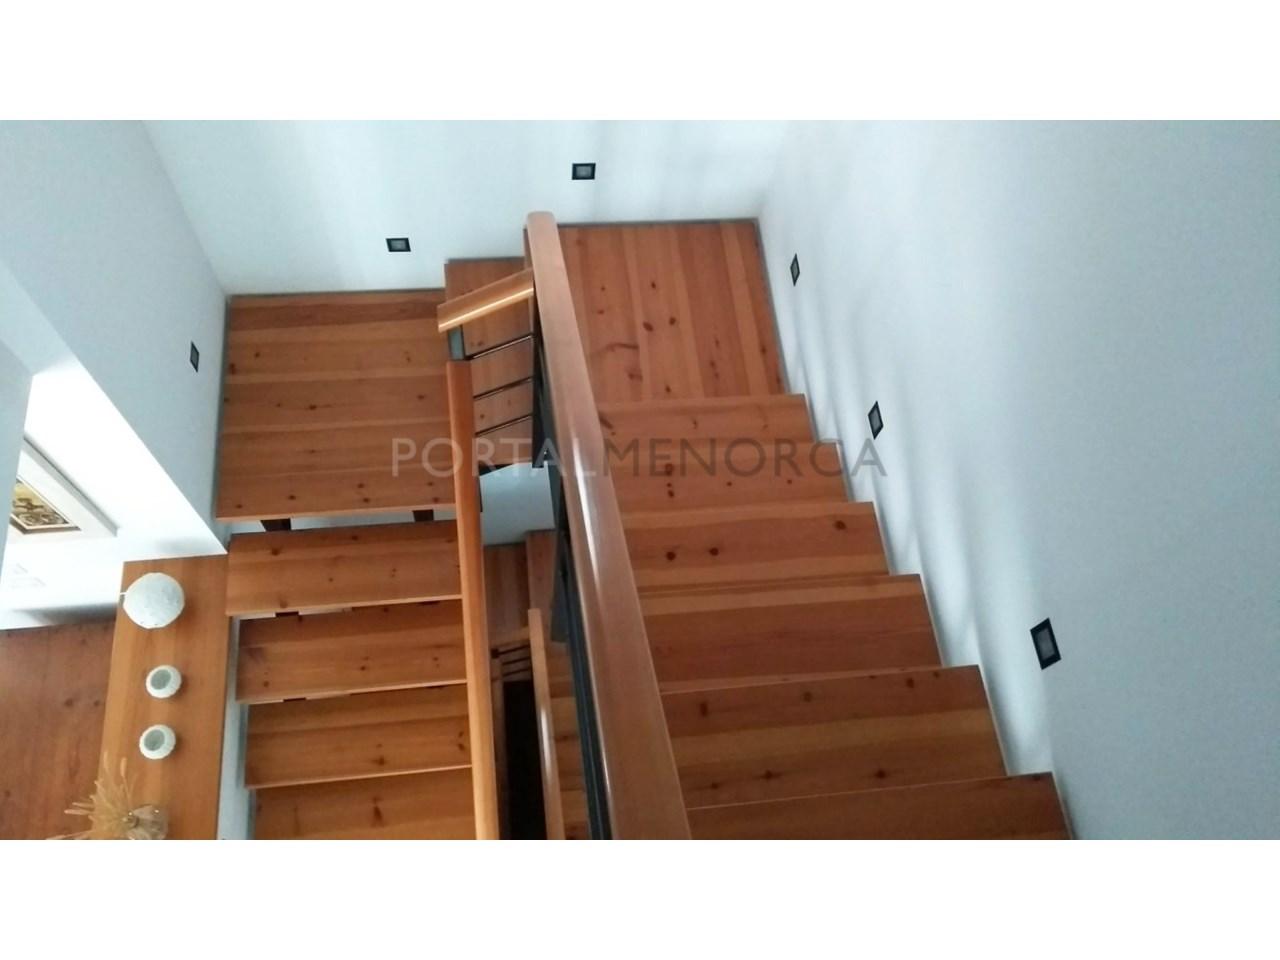 Villa à vendre à Cala Morell-escalera